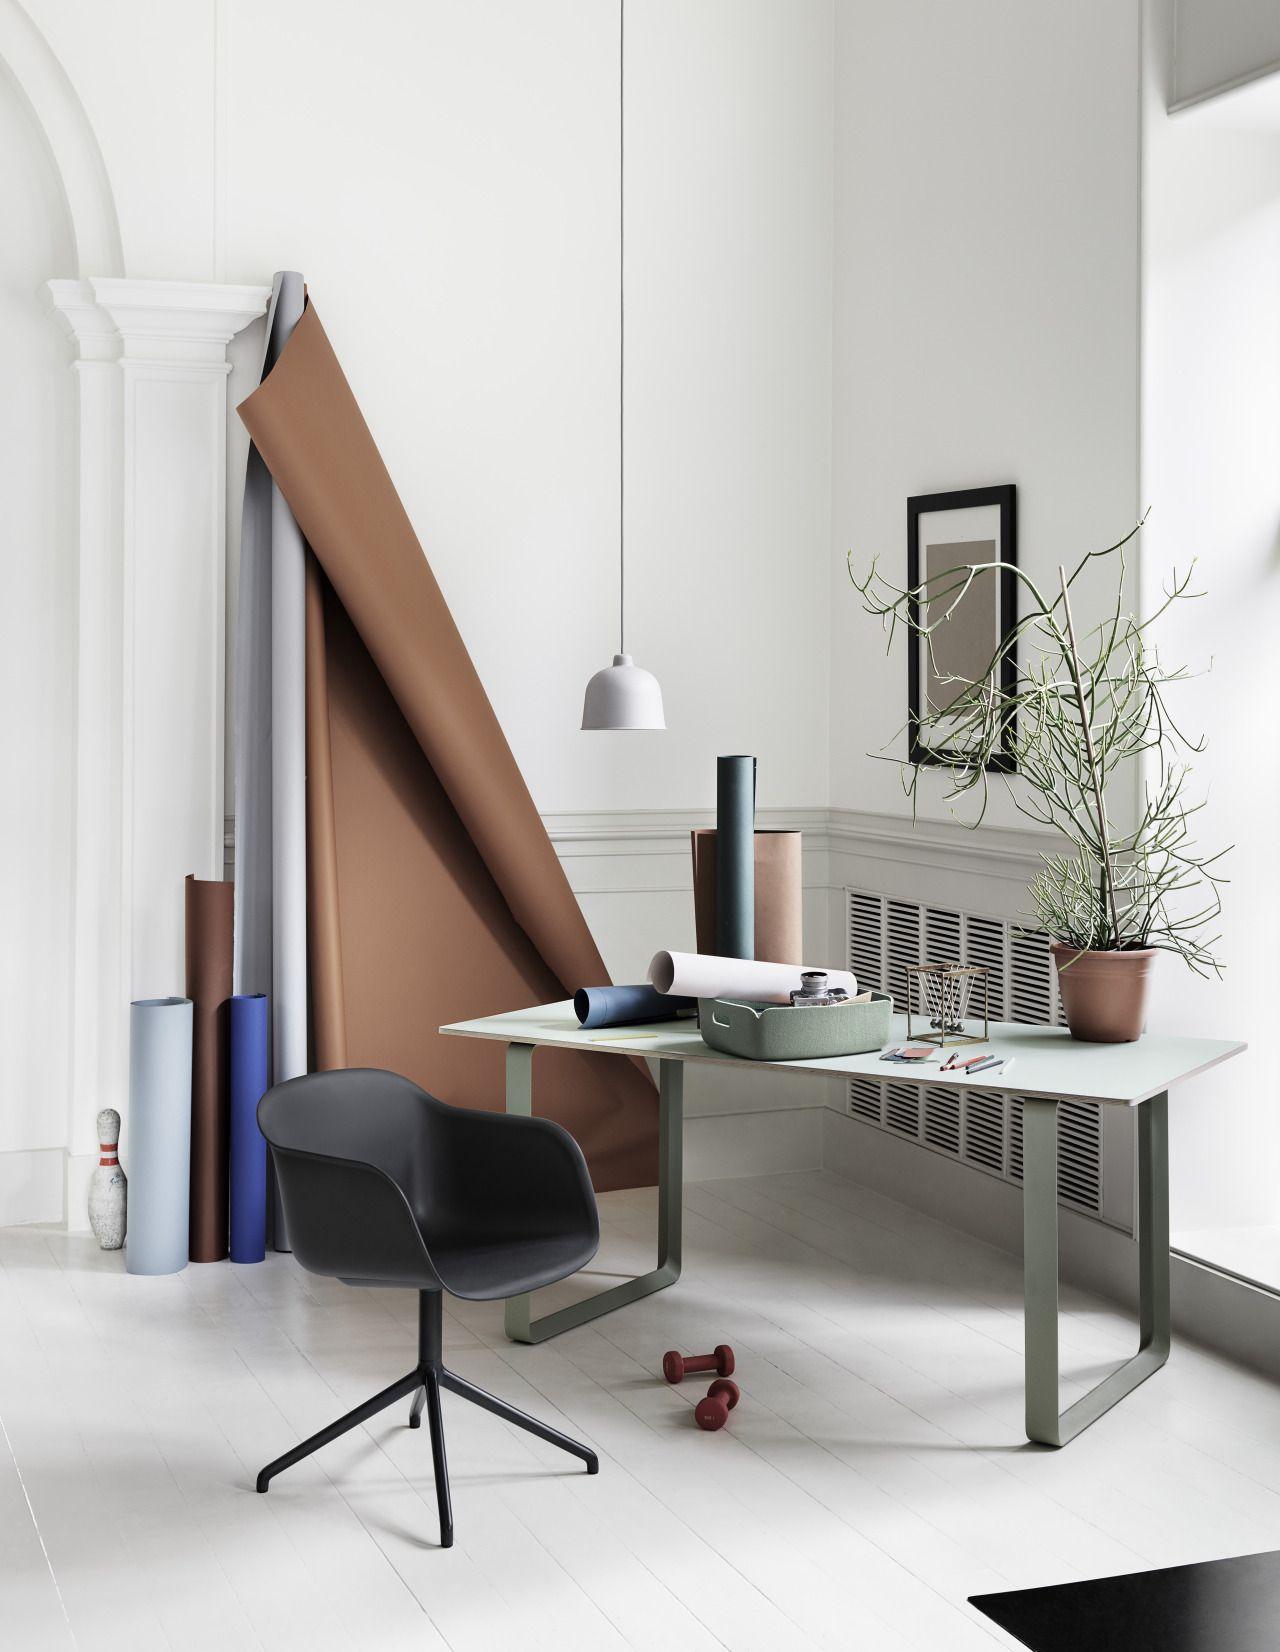 muuto #scandinavian #design #home #inspiration #nordic #danish ...